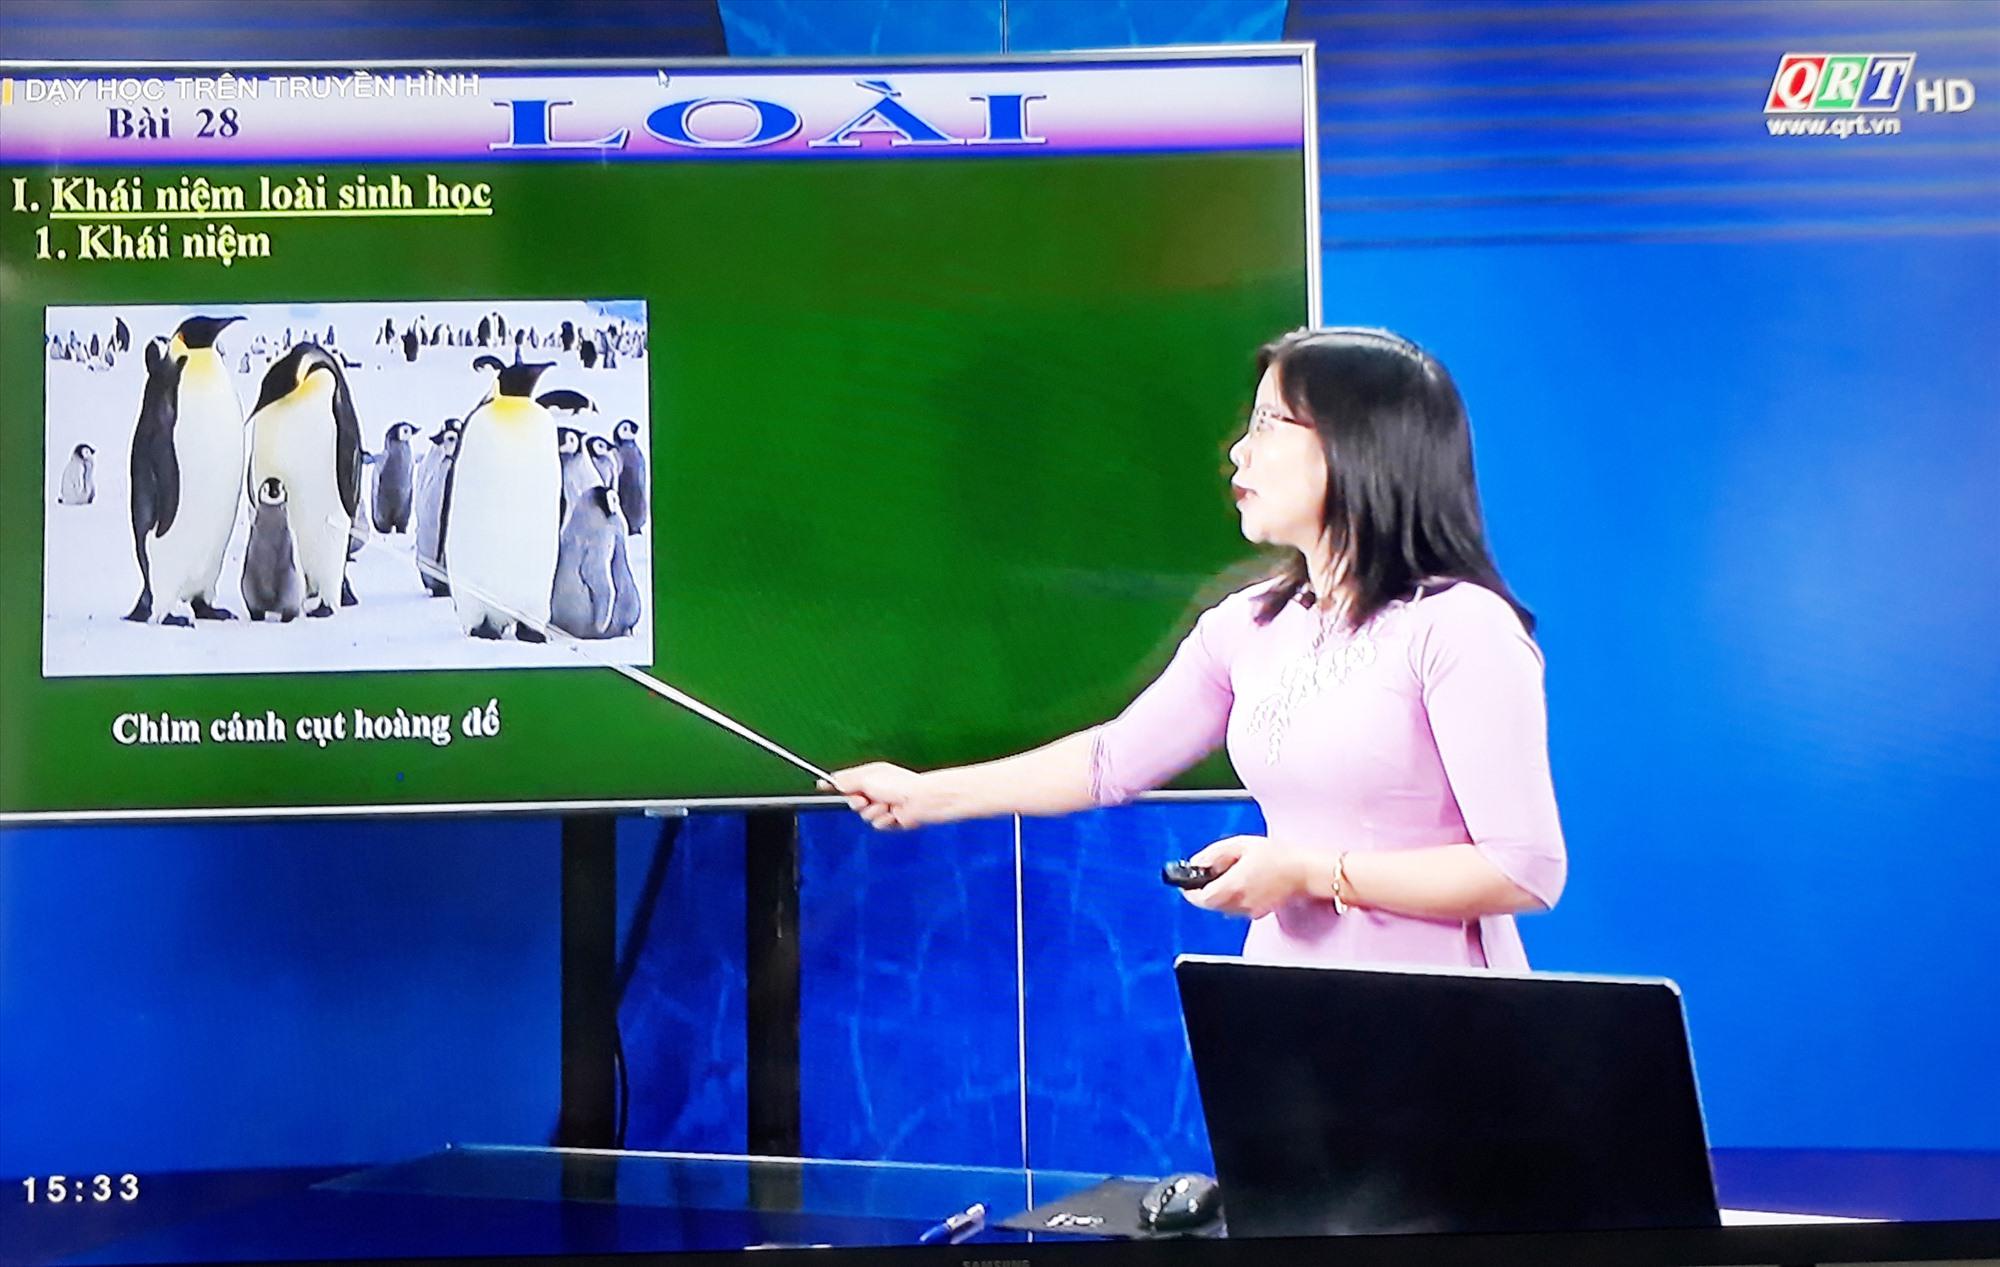 Dạy học trên Đài Phát thanh - truyền hình Quảng Nam. Ảnh: X.P